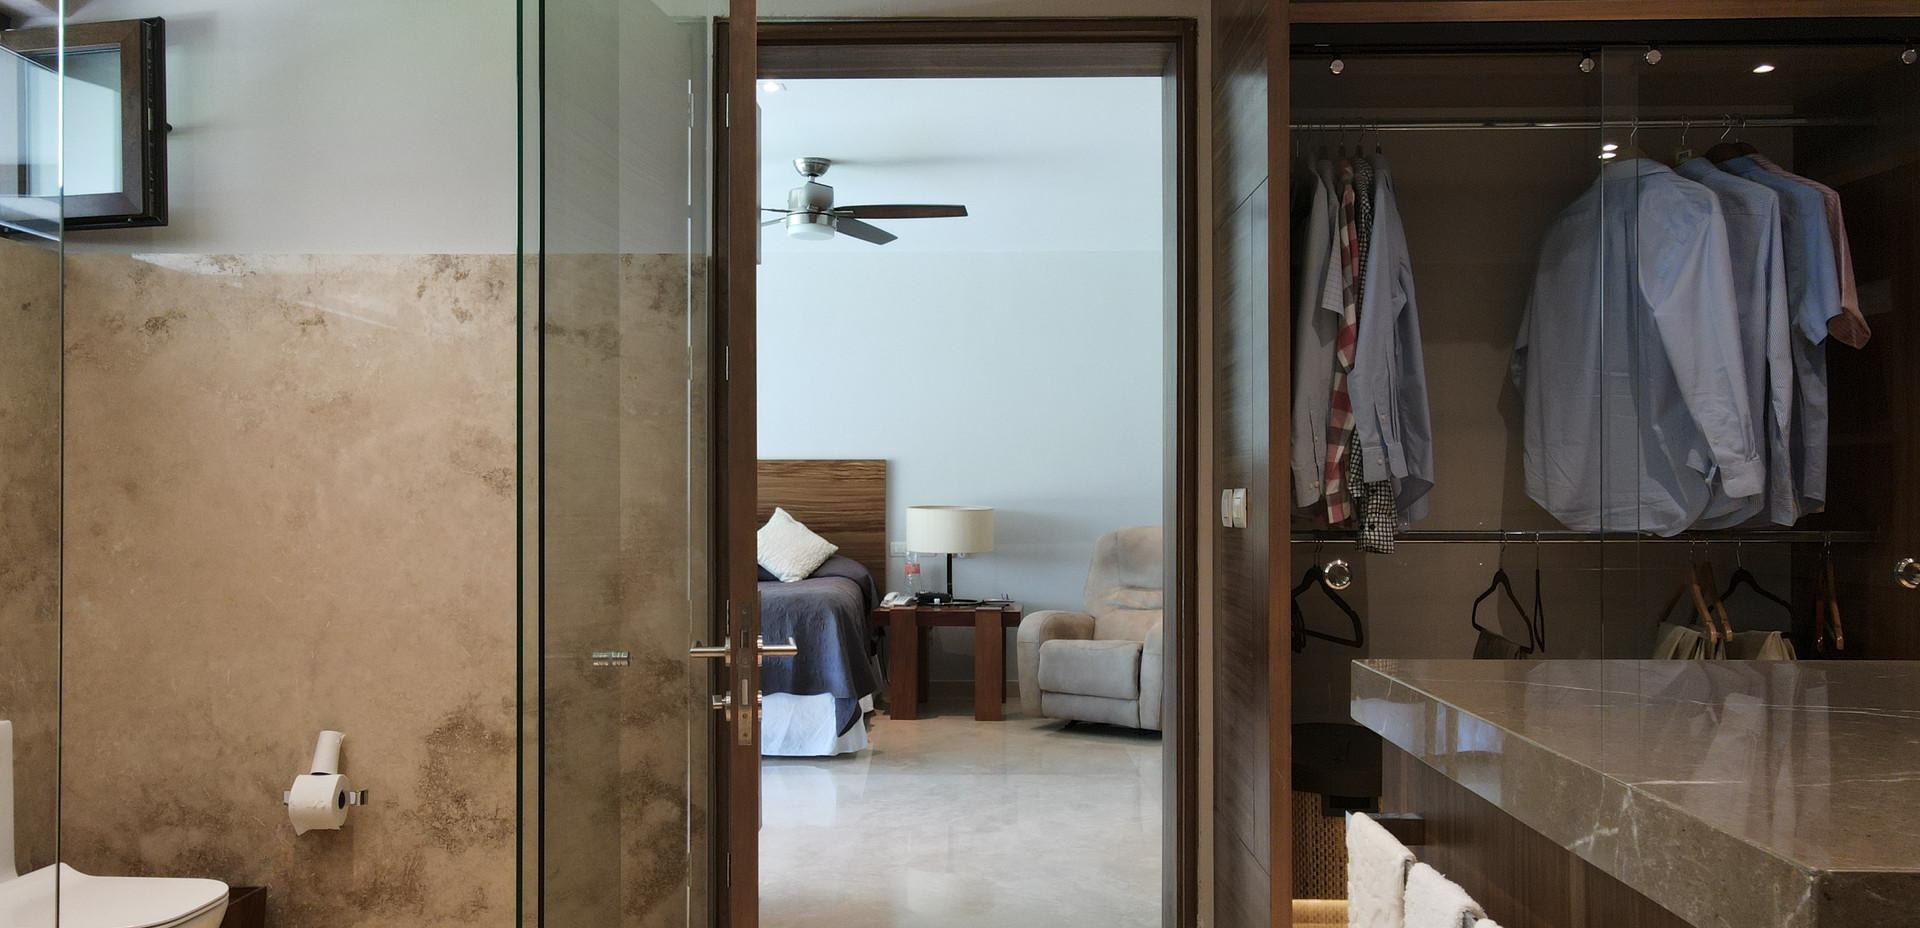 DM Arquitectos-Casa de la Vida 29.JPG